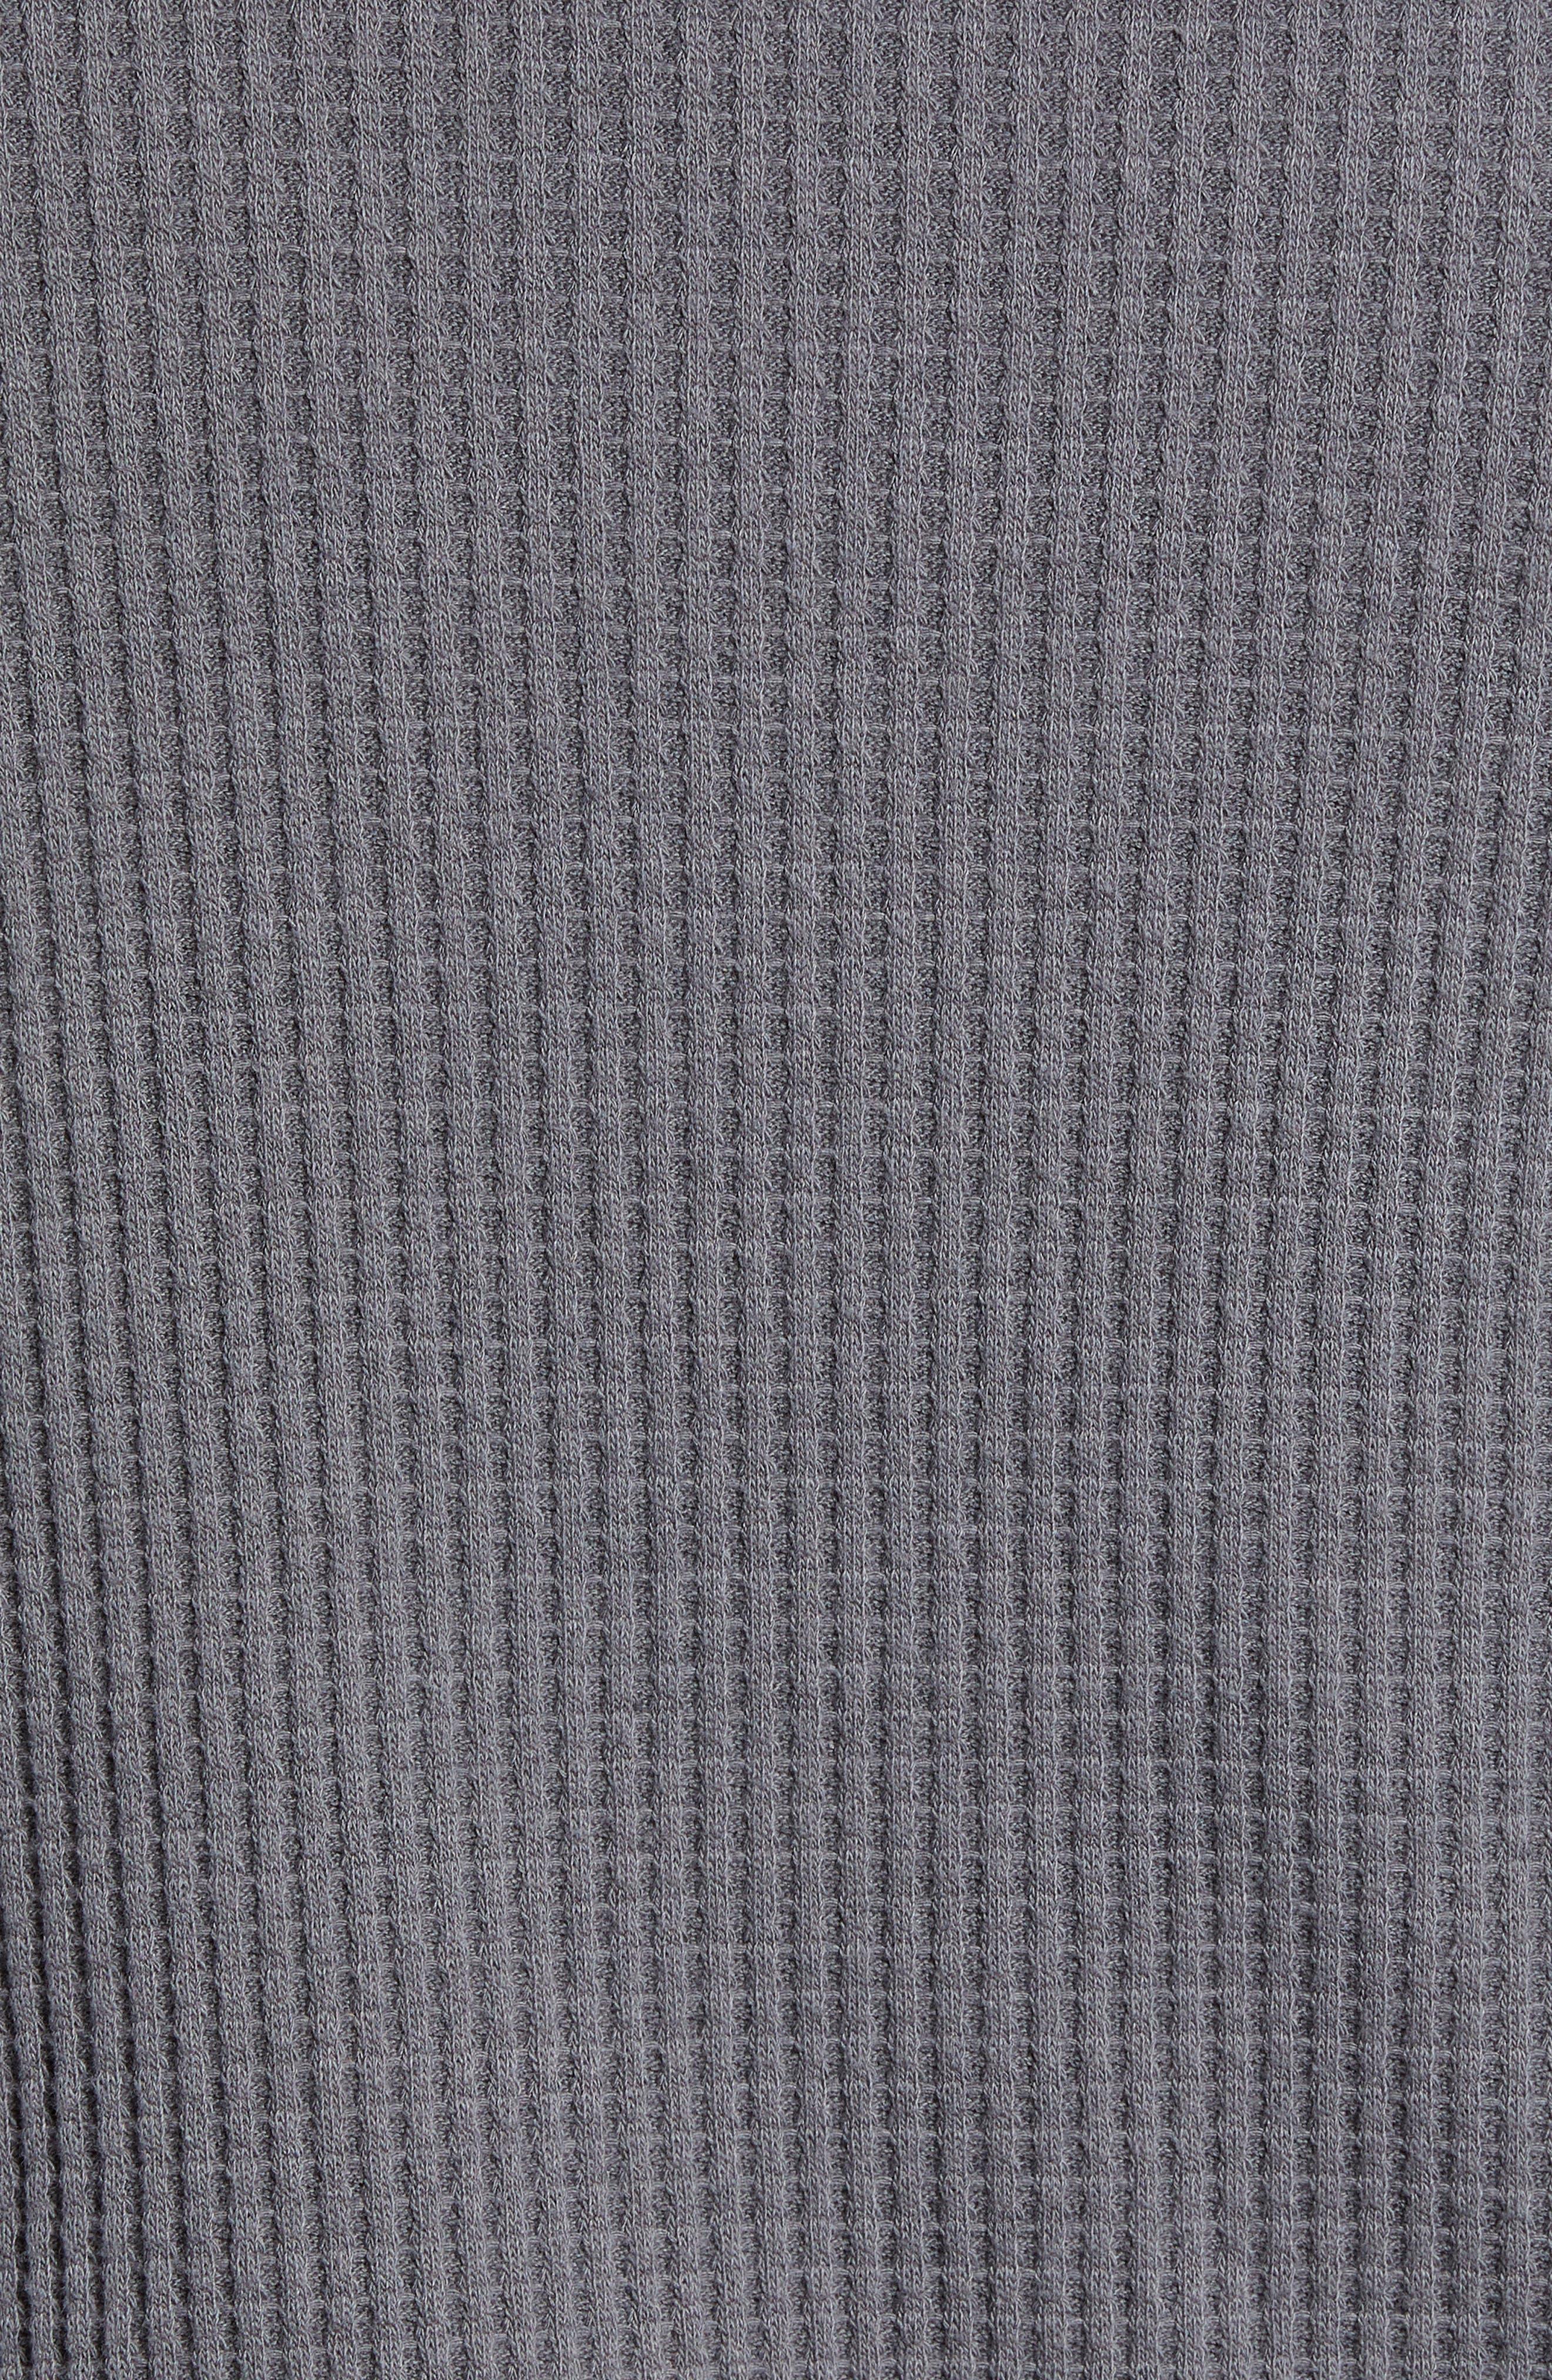 Regular Fit Thermal T-Shirt,                             Alternate thumbnail 5, color,                             GREY TORNADO